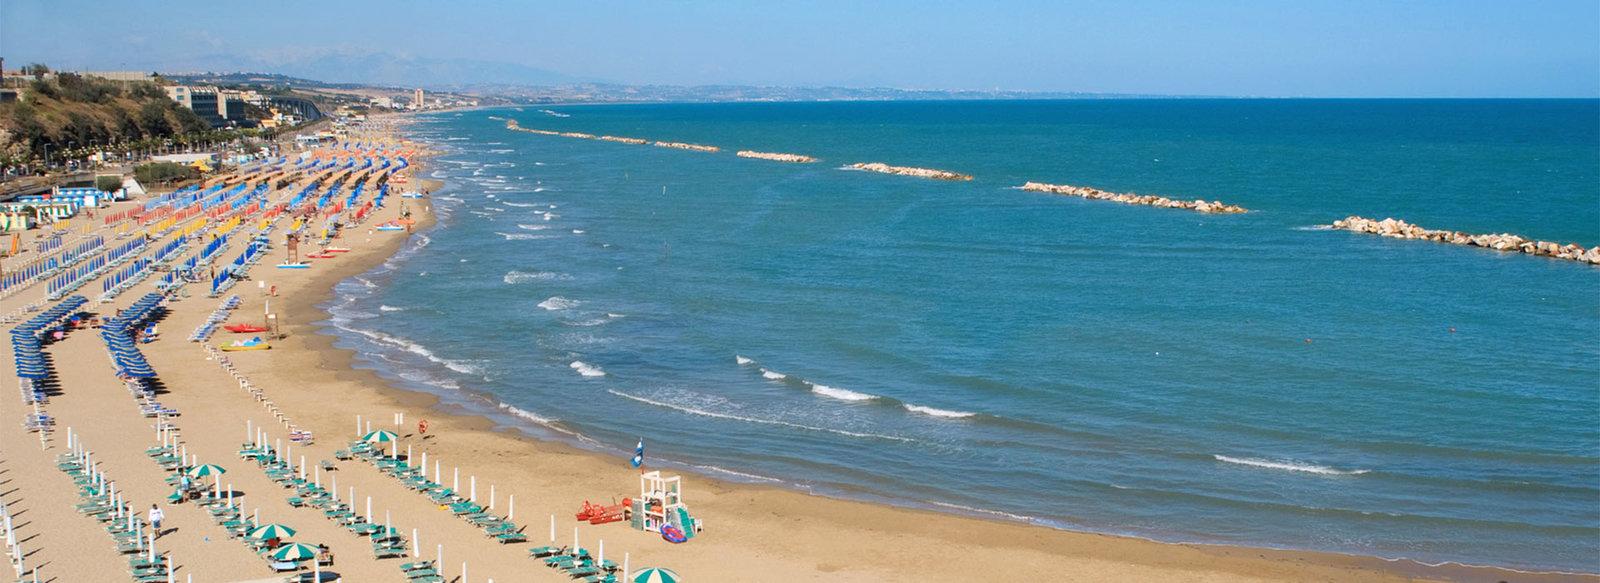 Qualità fronte mare, prezzo imbattibile, spiaggia inclusa